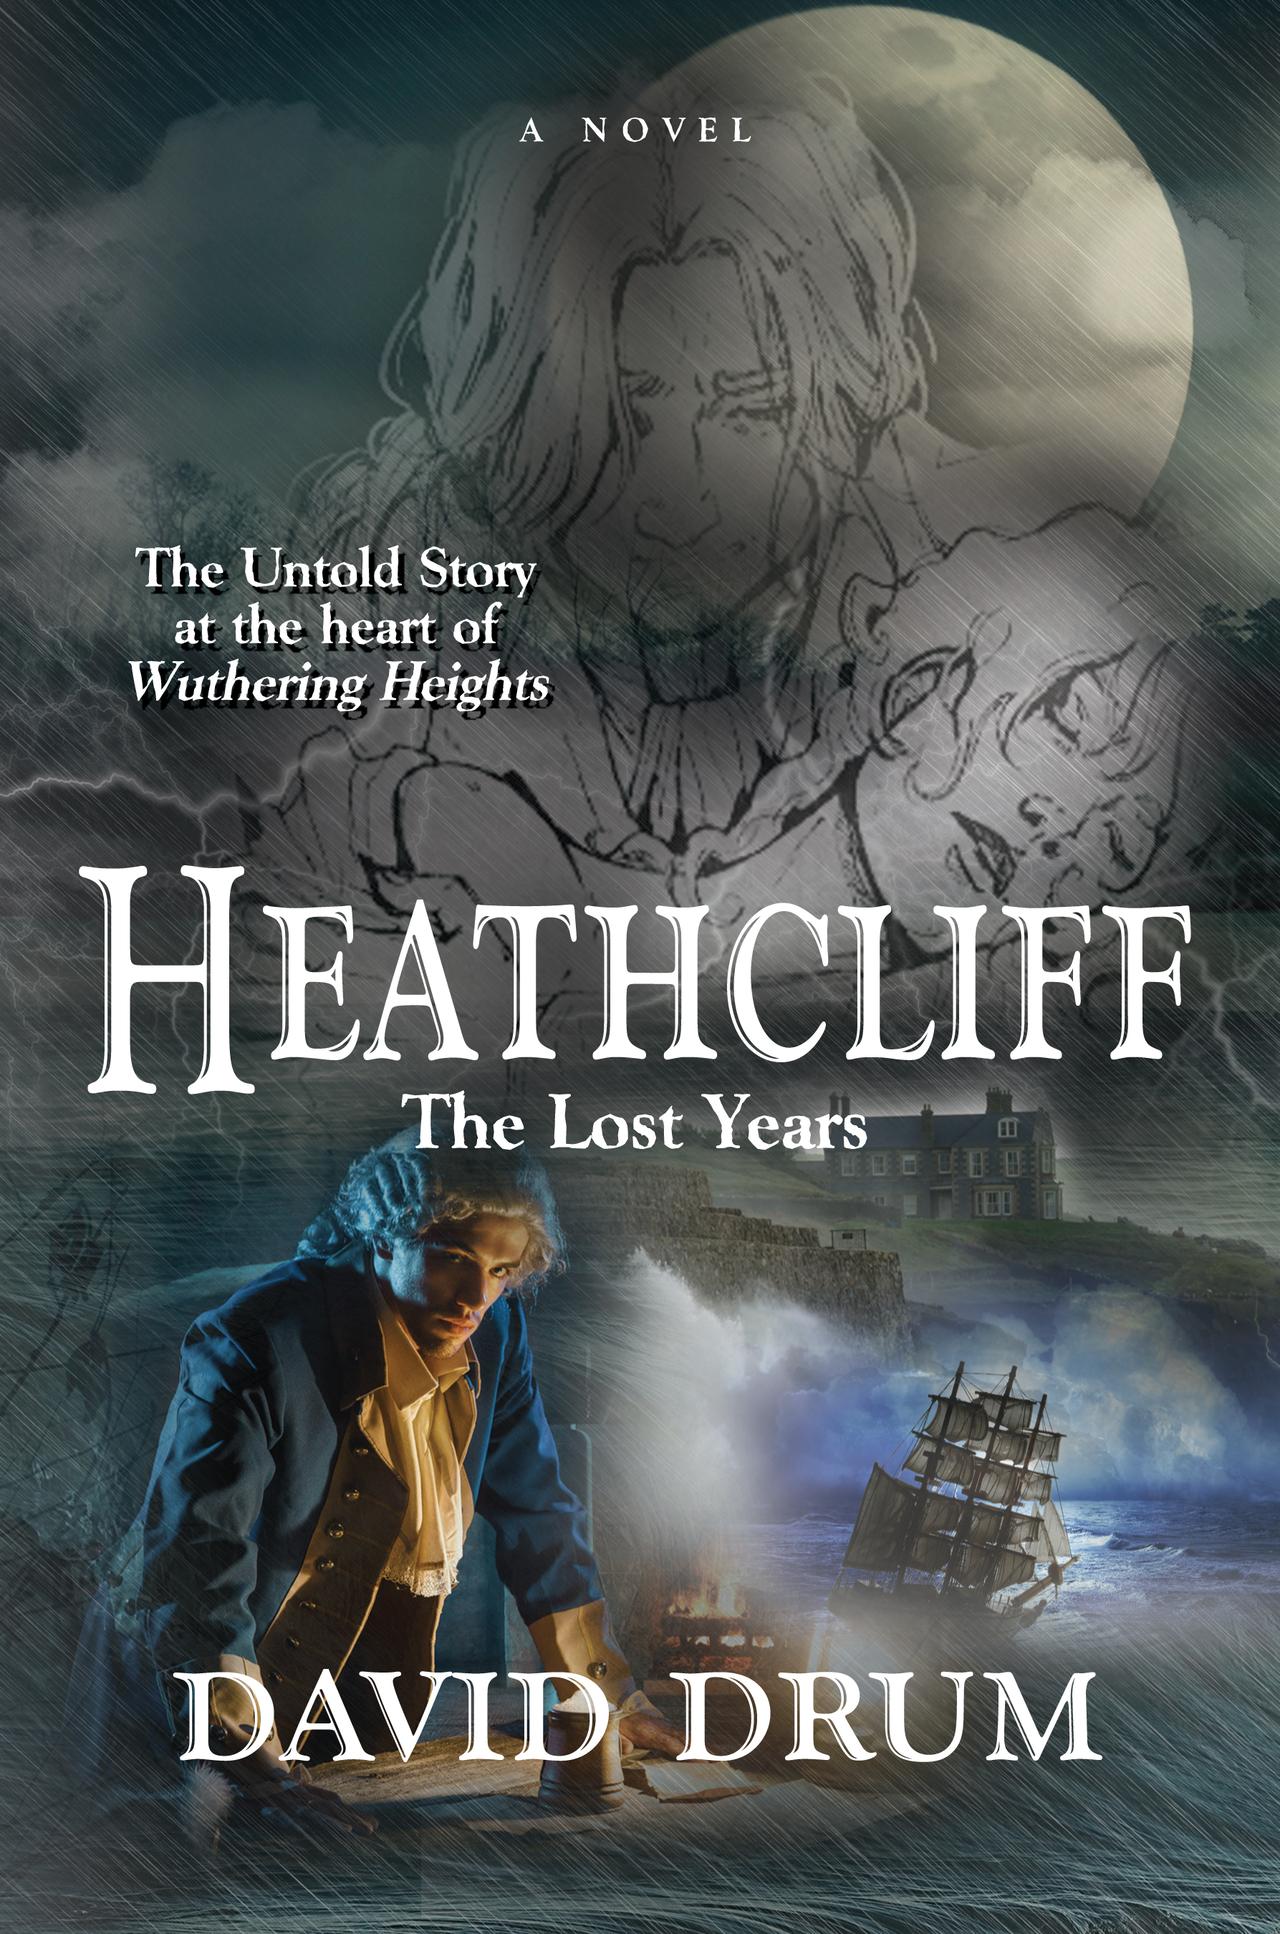 Heathcliff cvr4 6x9 300